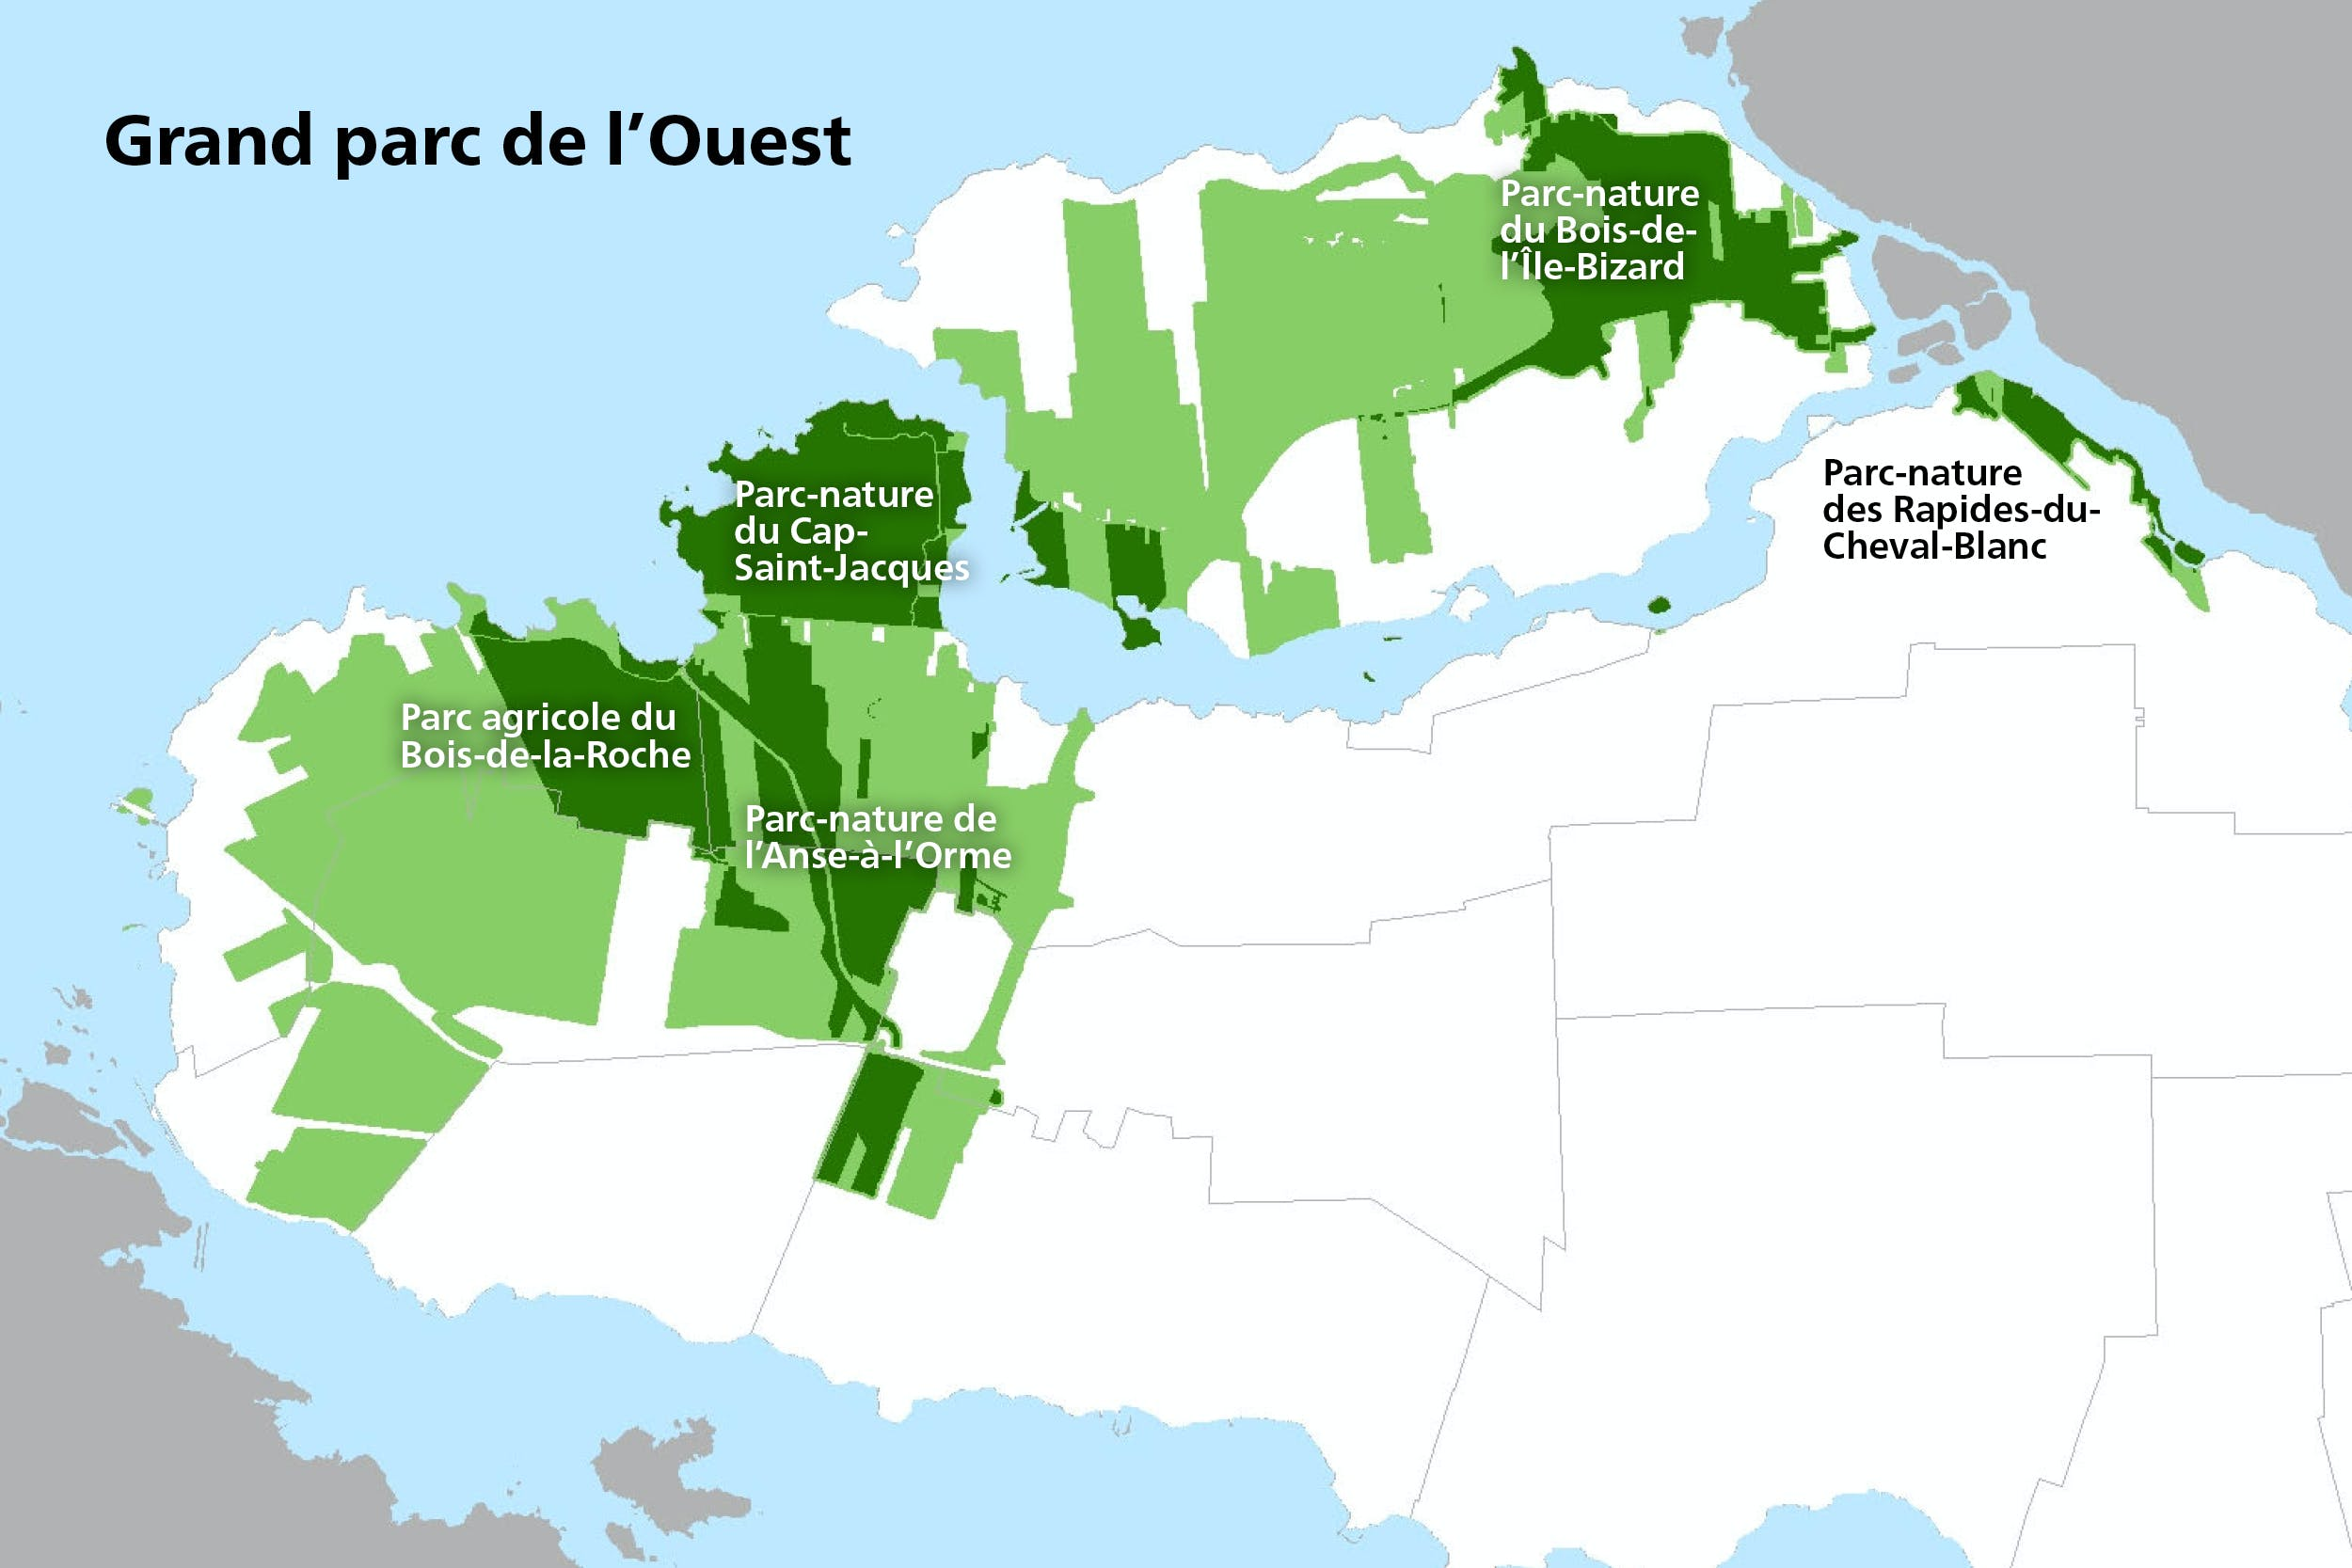 Carte du Grand parc de l'Ouest